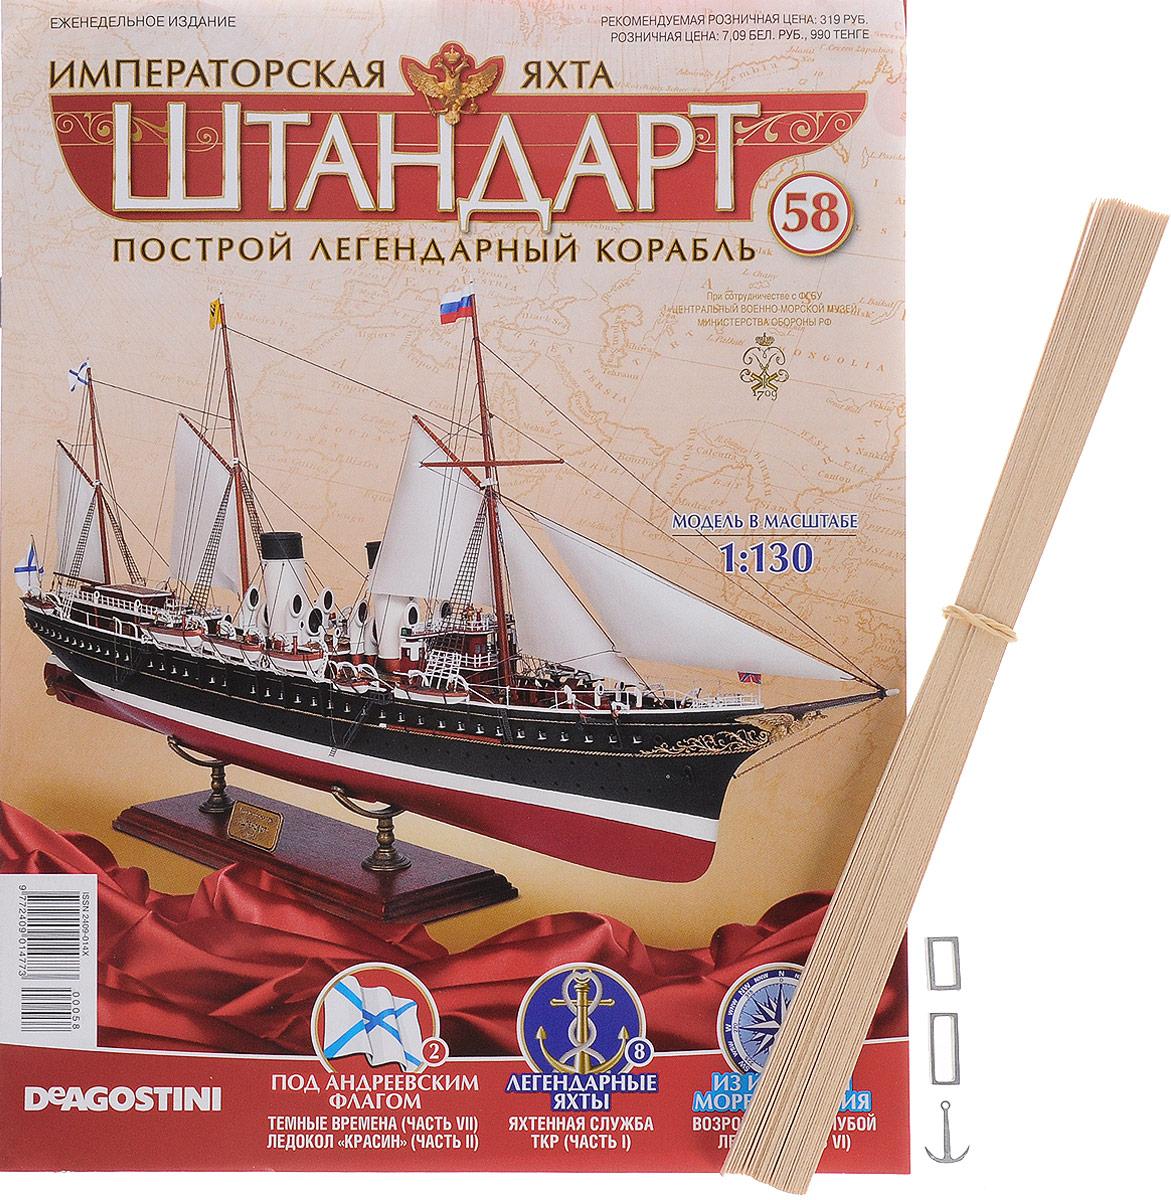 Журнал Императорская яхтаШТАНДАРТ №58